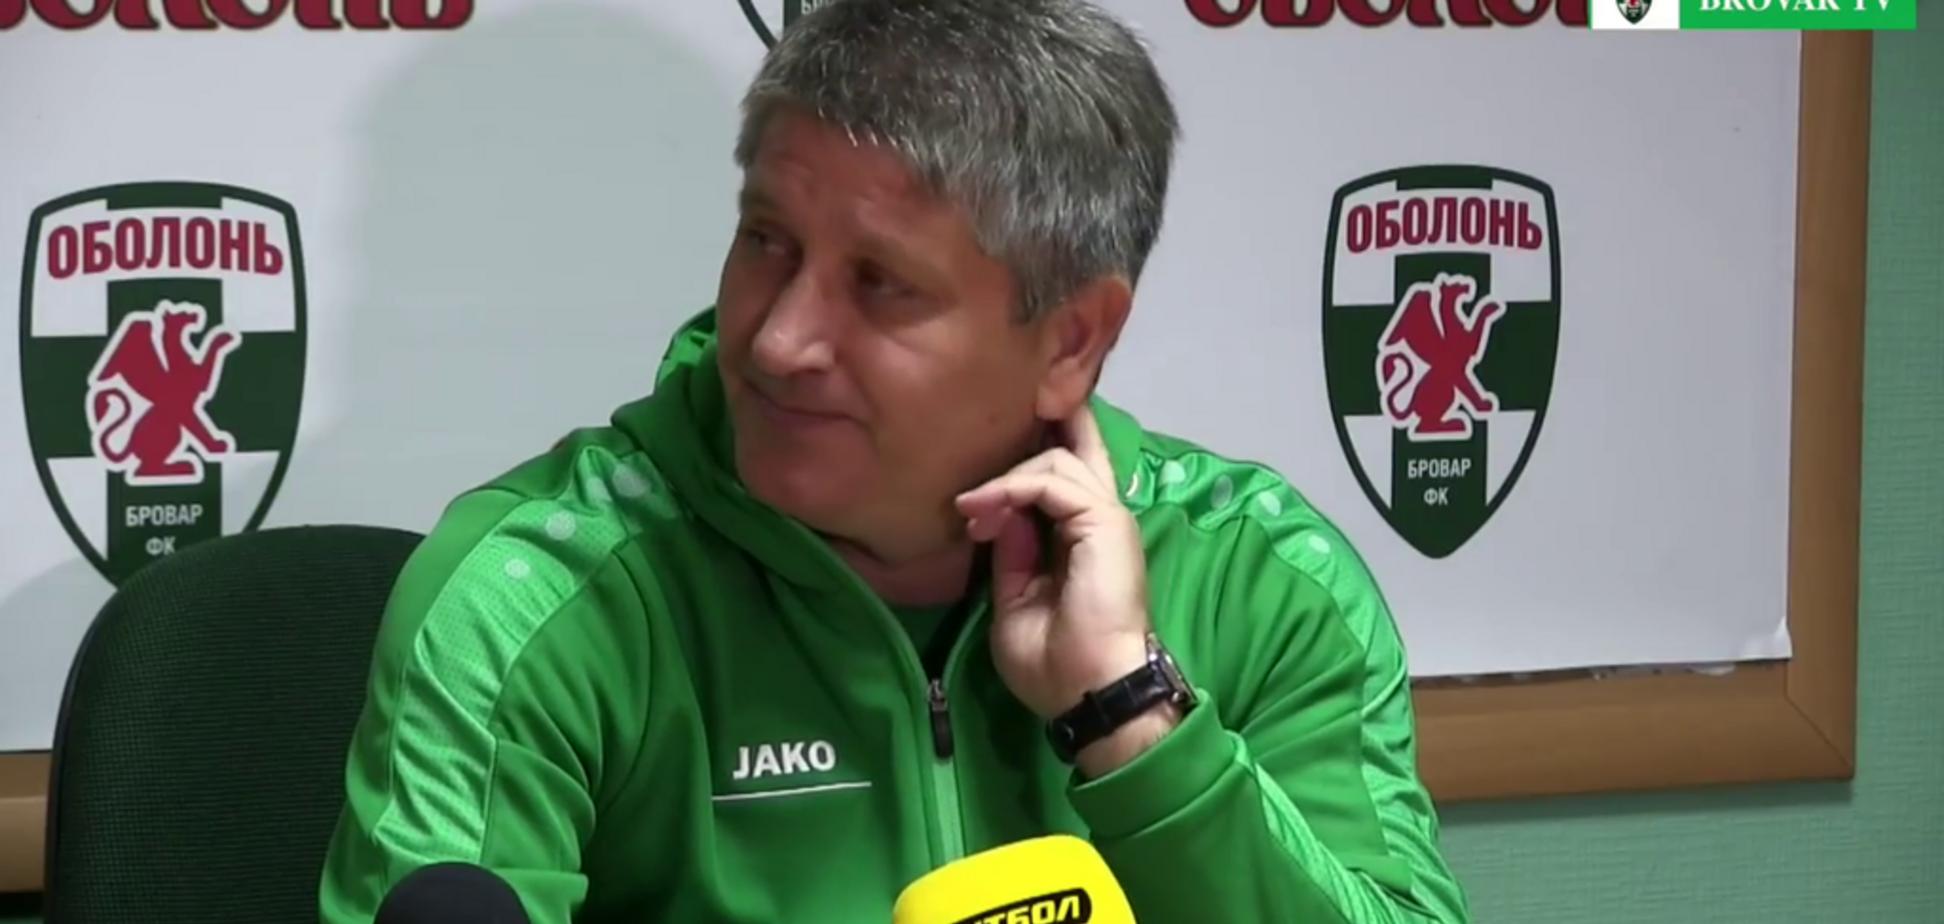 ''Отвечай на мове'': украинский тренер пресек футболиста, говорящего по-русски